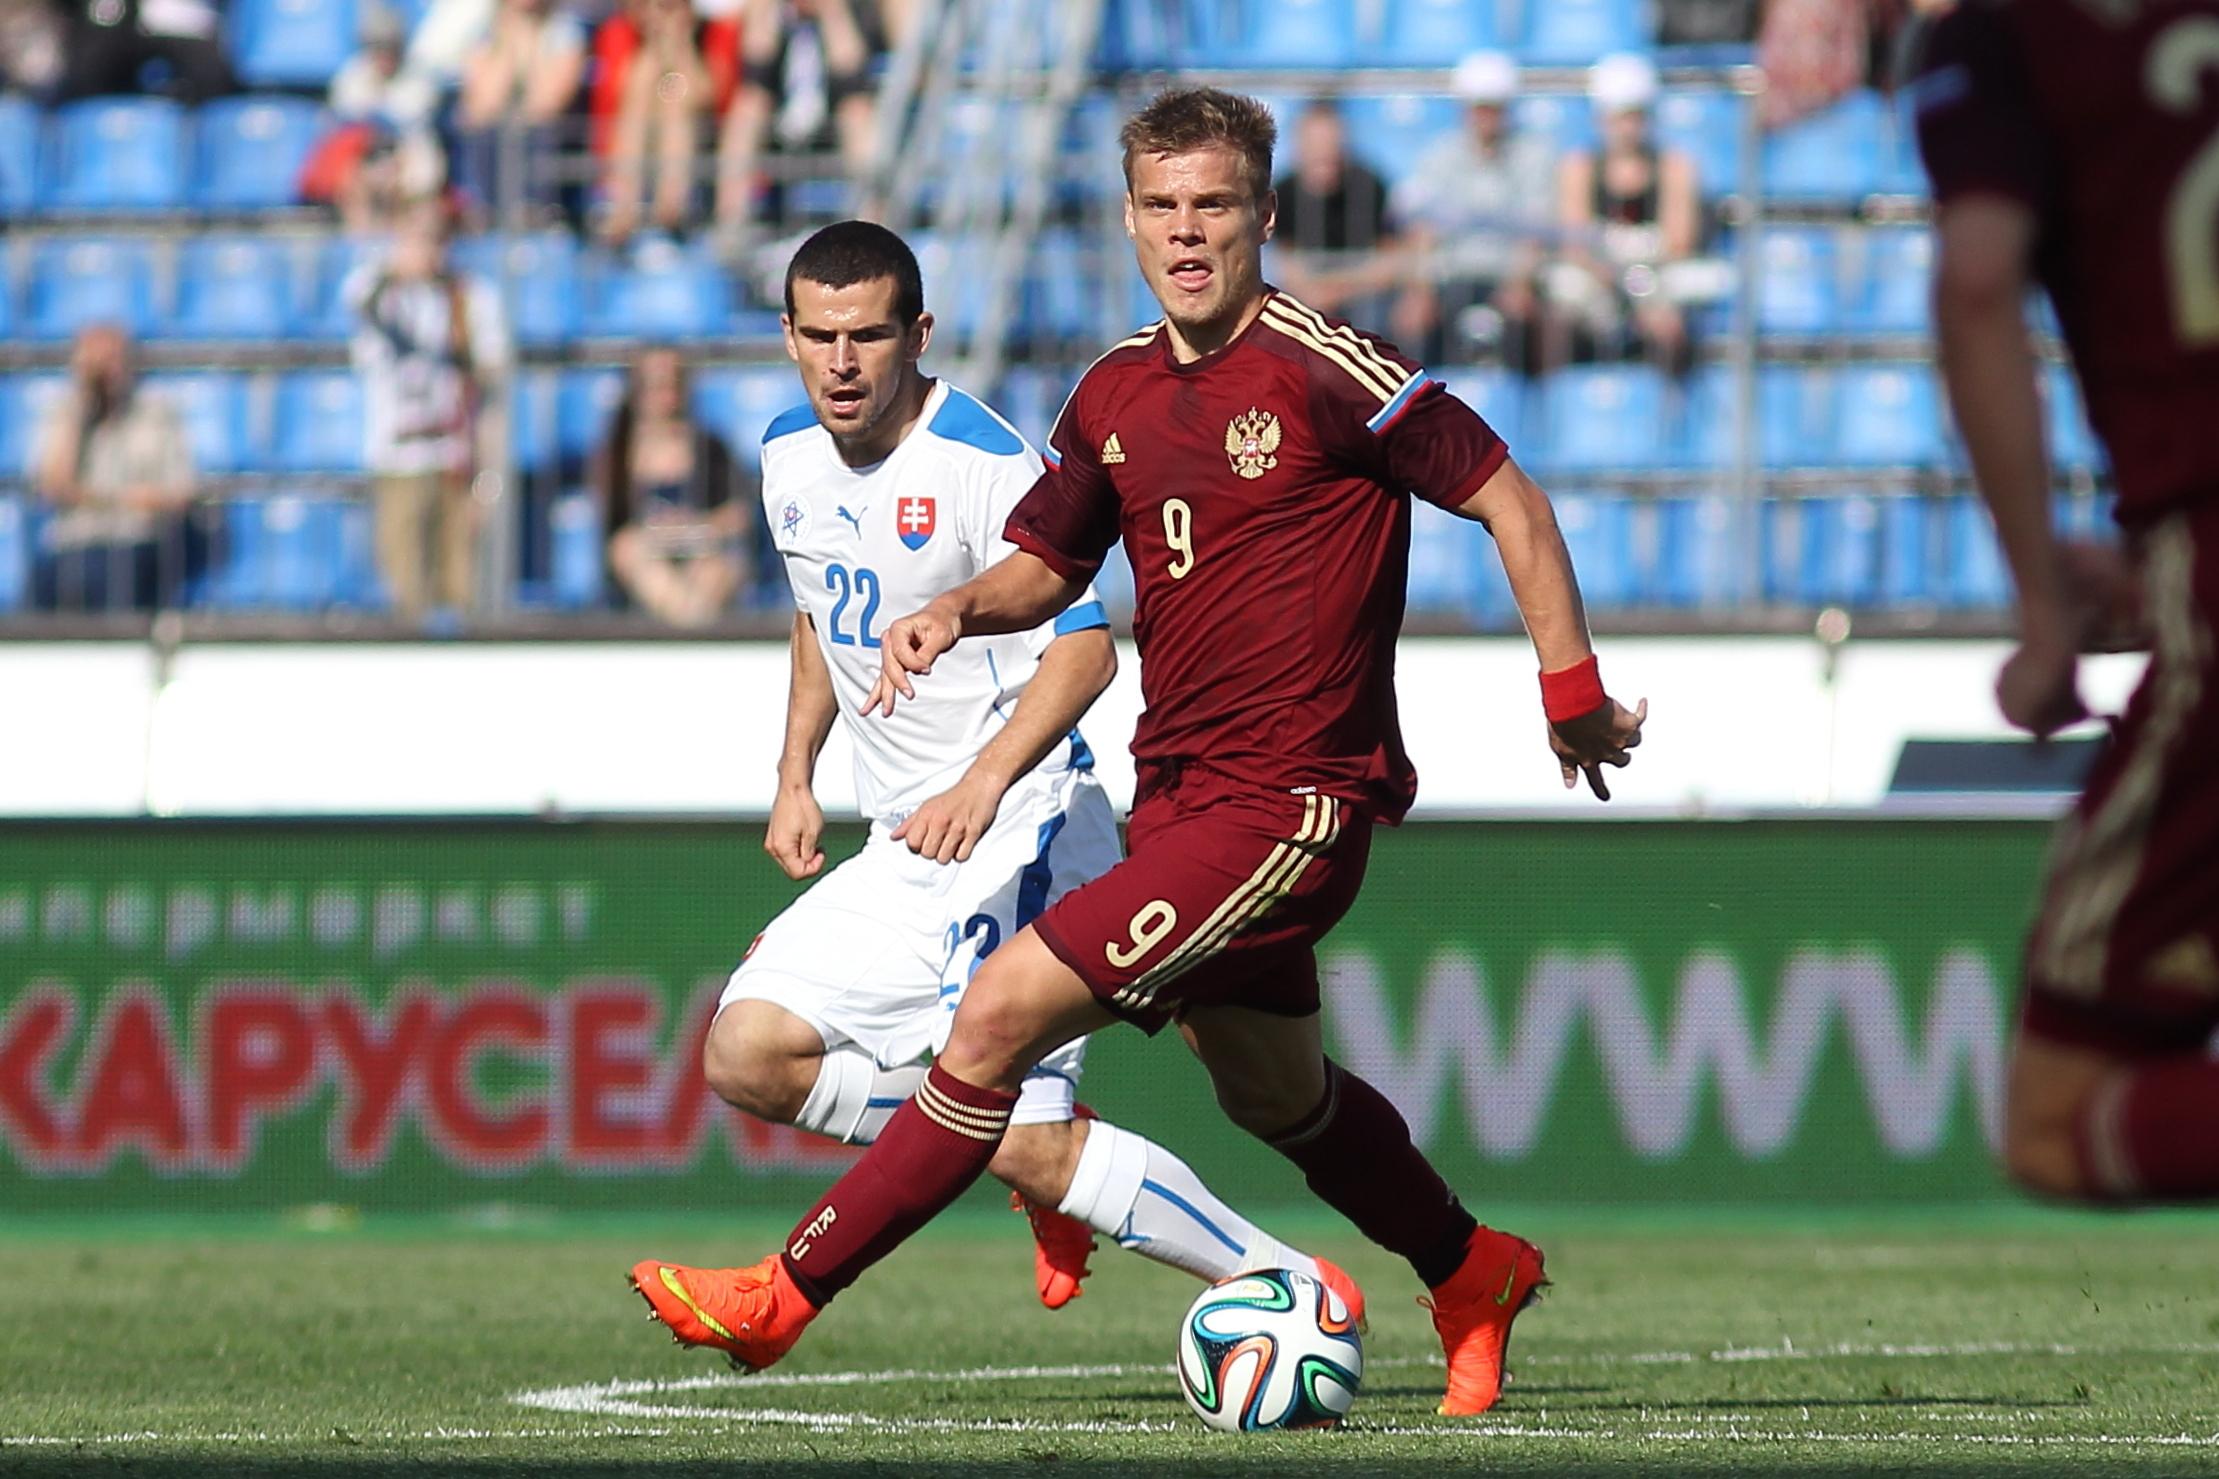 ИгрокиФК «Ростов» сыграют всоставе сборной Российской Федерации